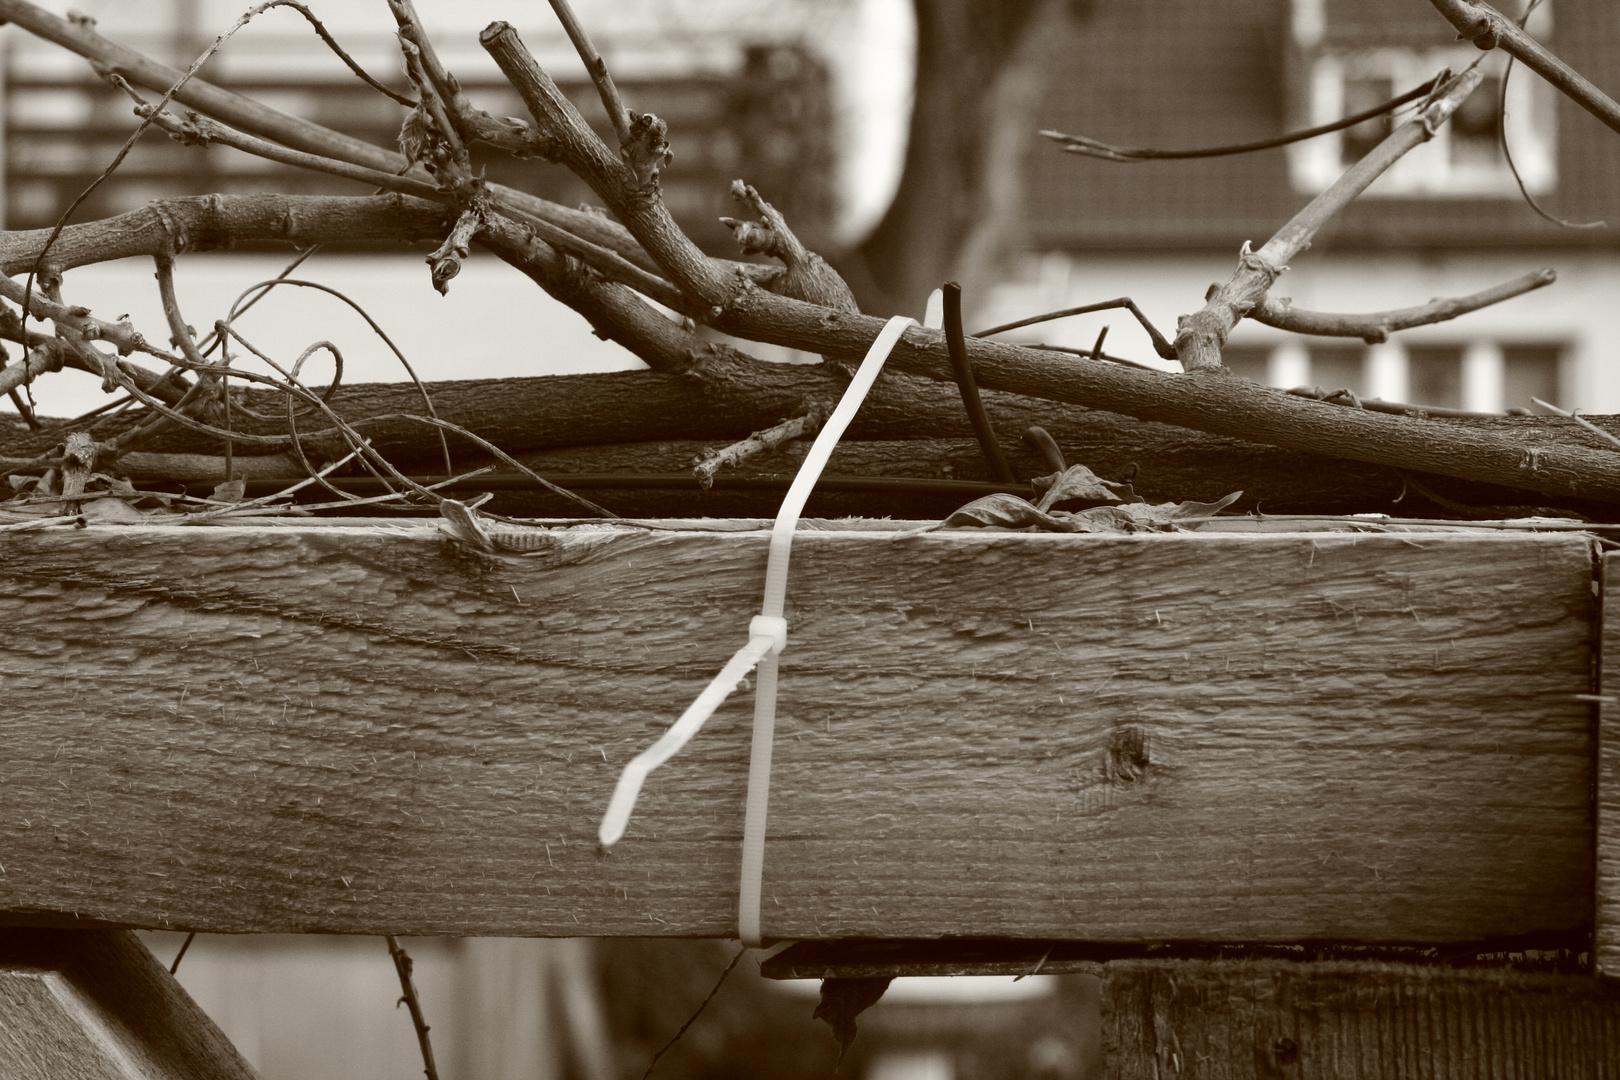 Holz gefesselt